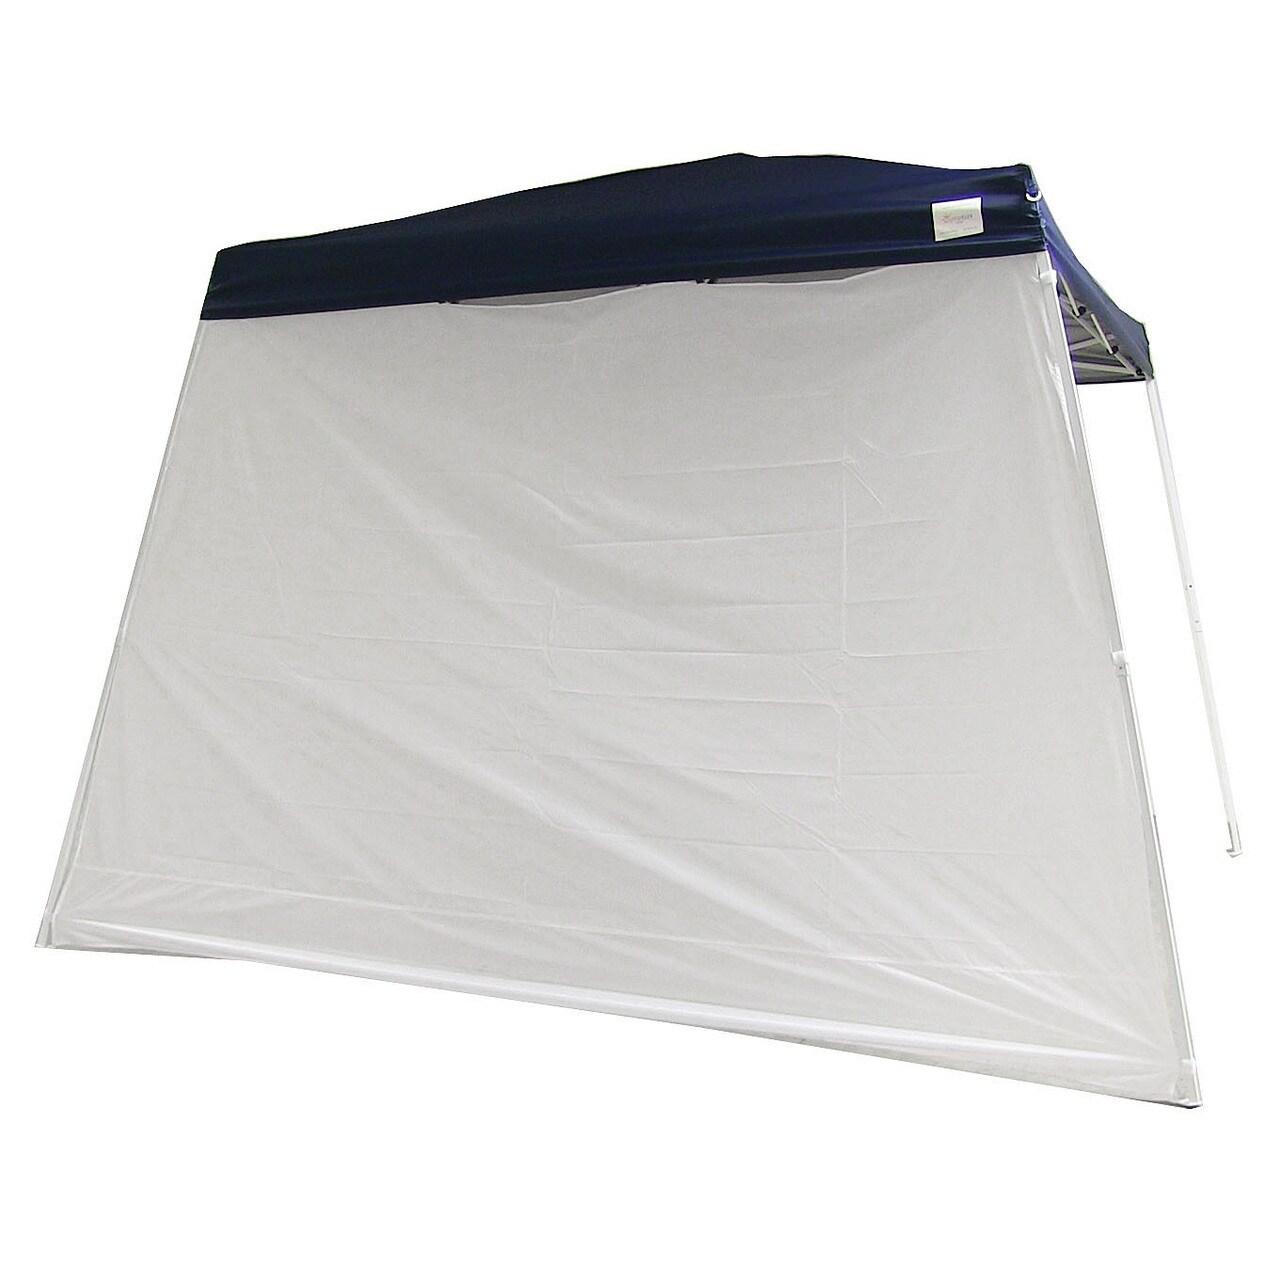 Sunnydaze Quick-Up Slant Leg Canopy Sidewall - 1 Panel, Multiple Sizes Available - Thumbnail 0